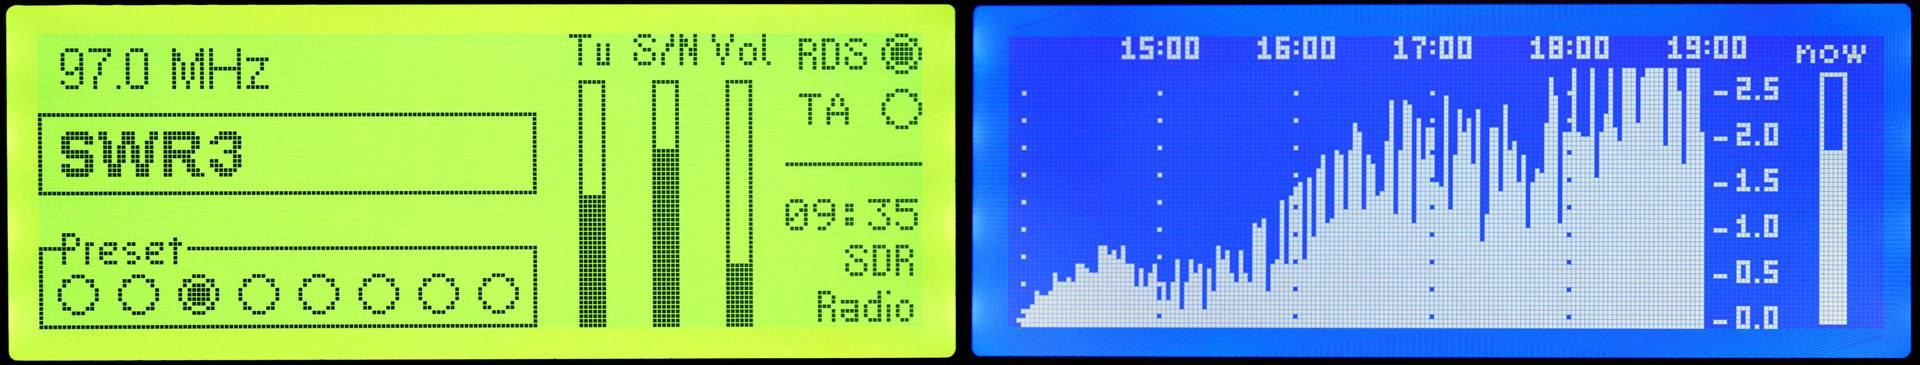 Vielseitige Anwendungen des I2C-Interfaces für graphische Displays